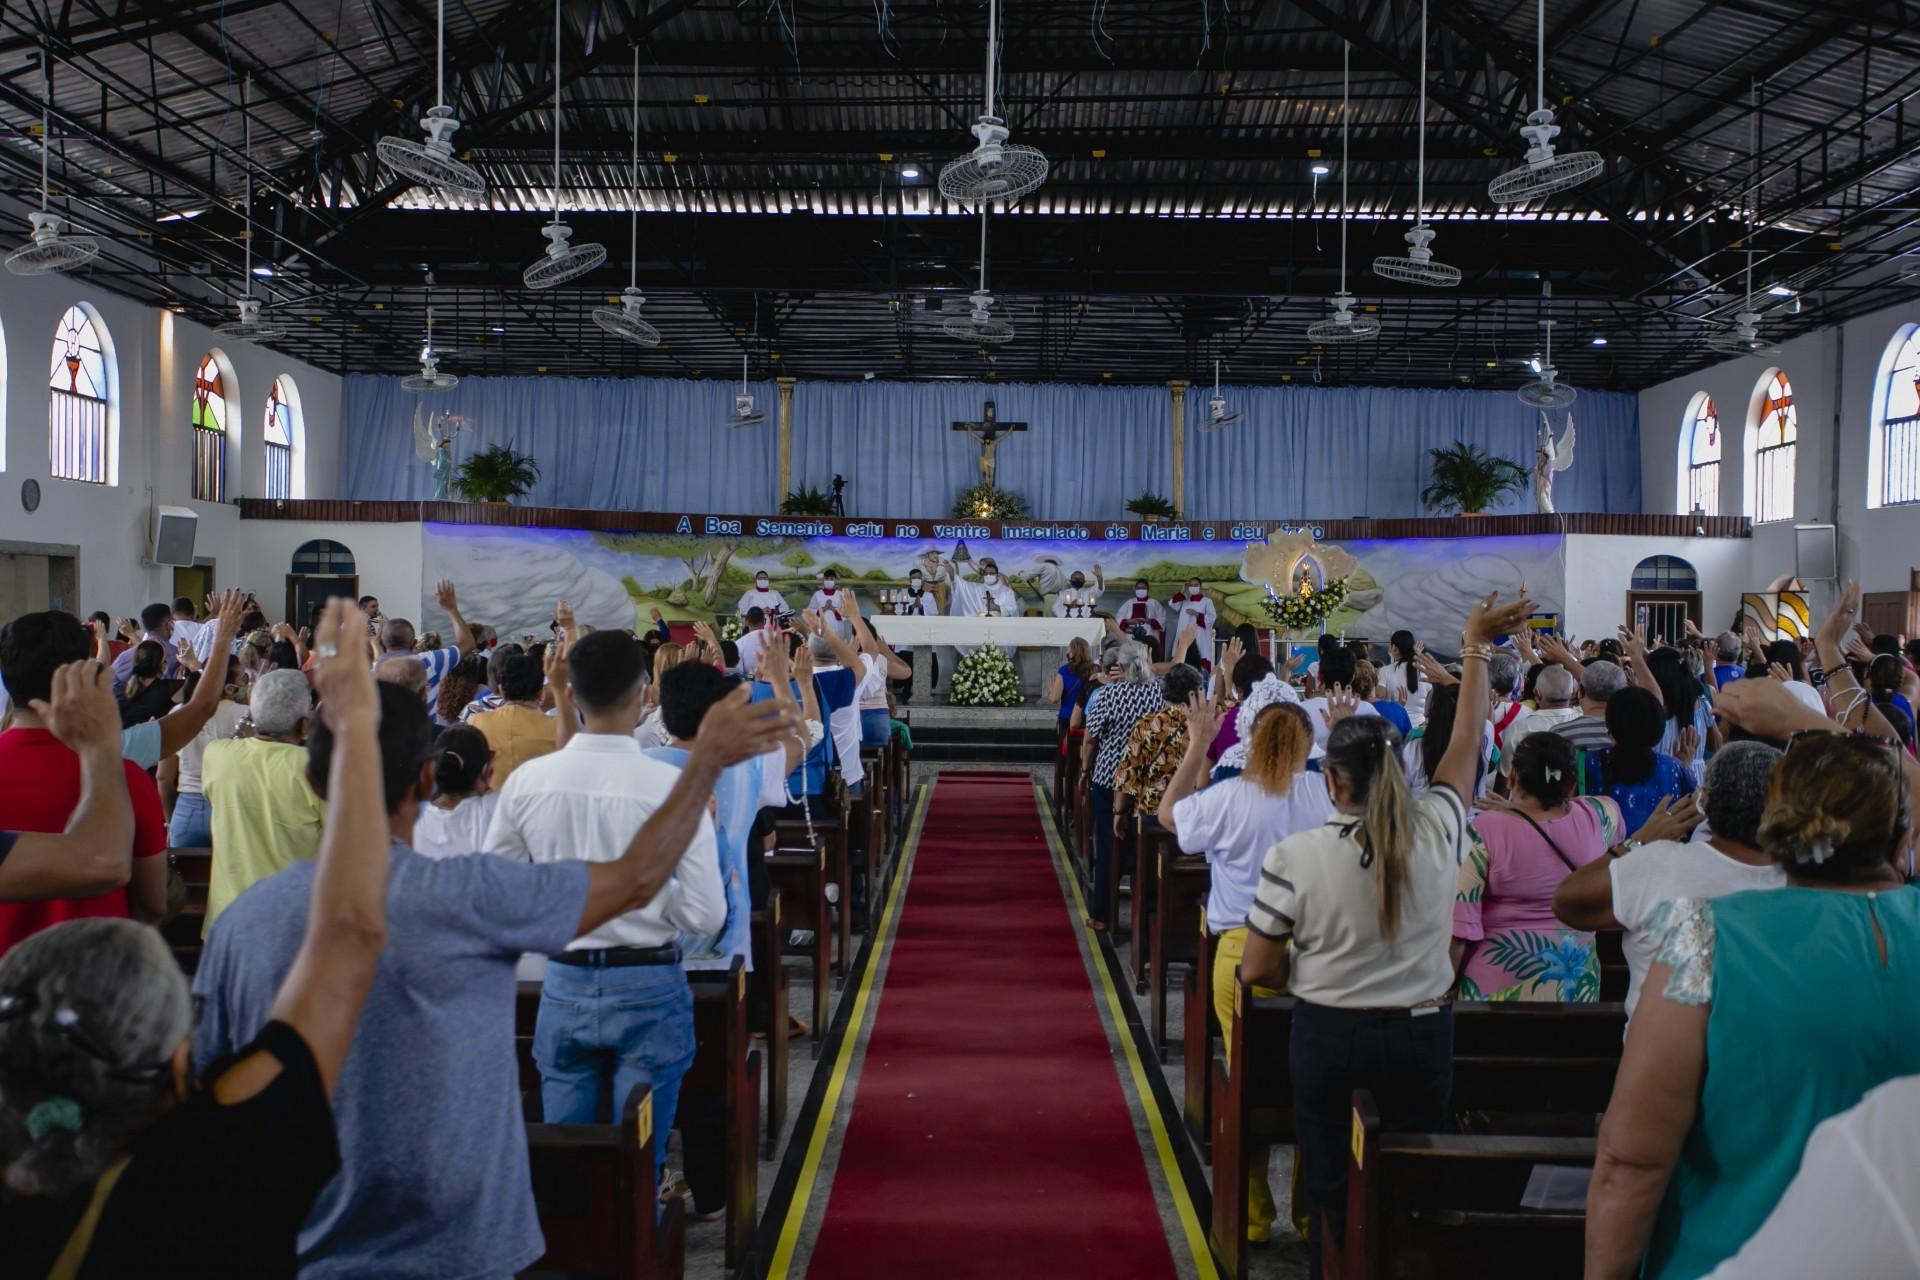 Fiéis lotam missa na Paróquia de Nossa Senhora Aparecida, no bairro Montese, durante as celebrações desta terça-feira (Foto: Aurélio Alves)